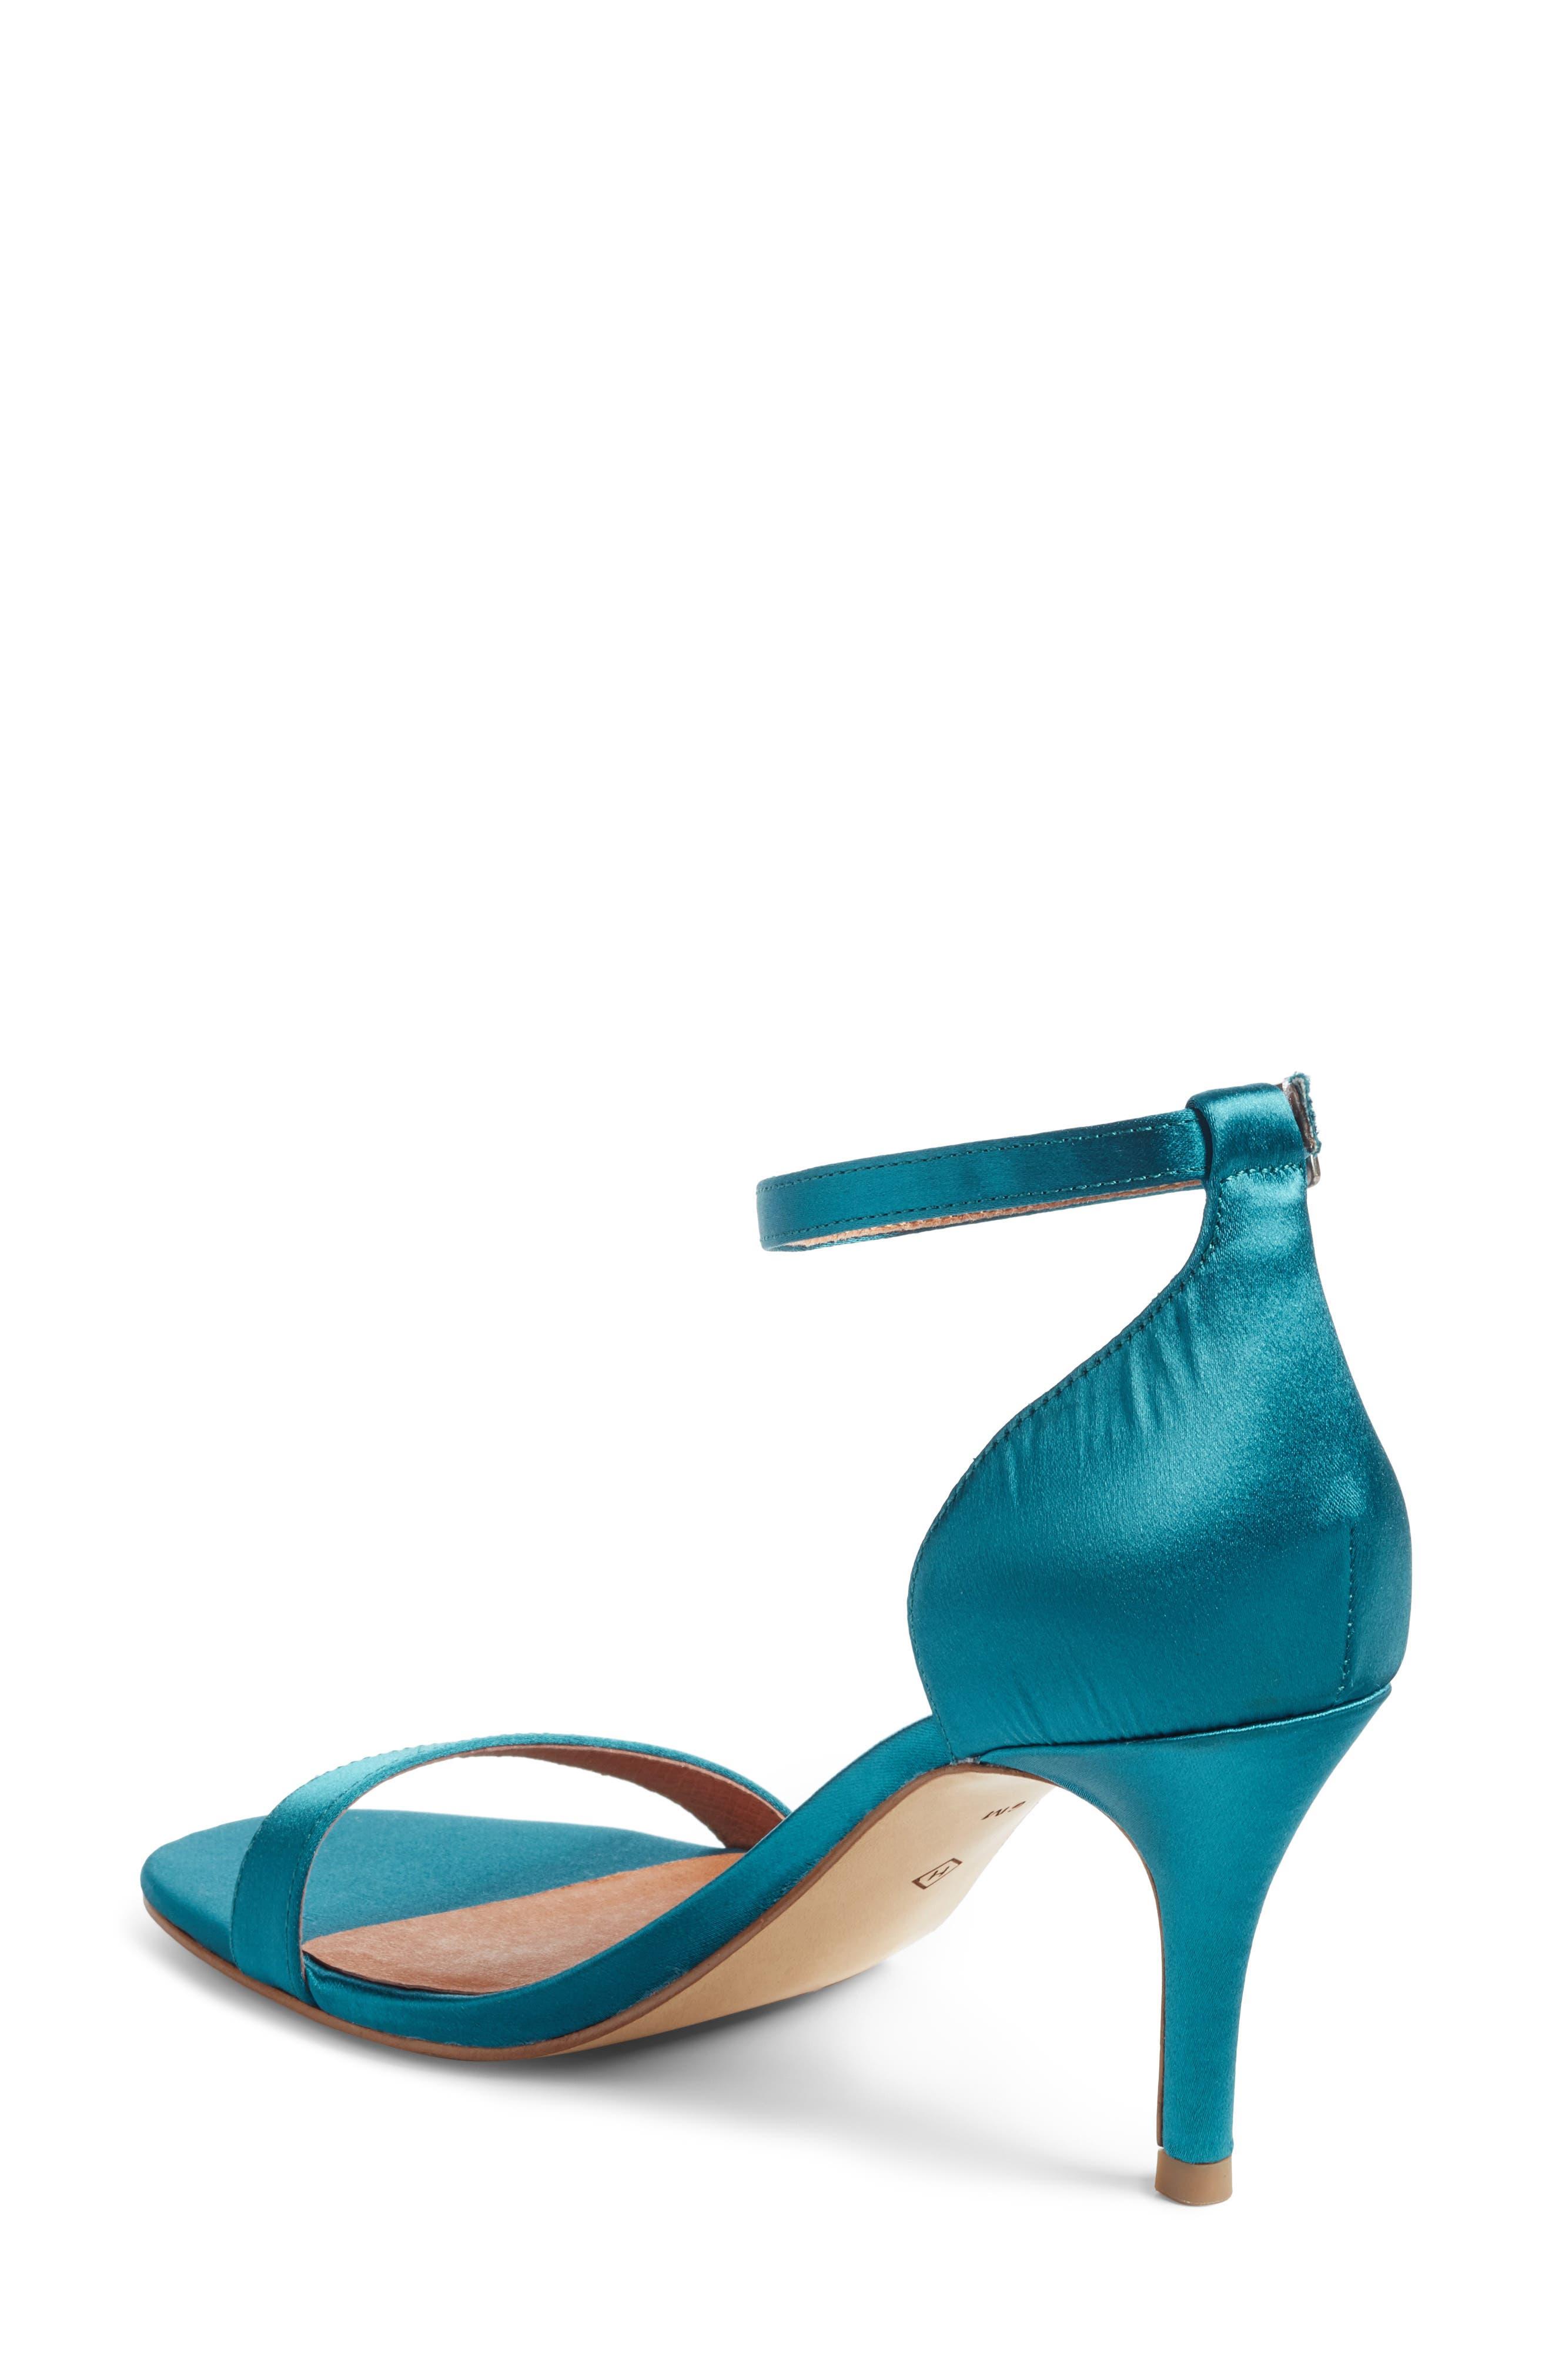 Audrey Ankle Strap Sandal,                             Alternate thumbnail 33, color,